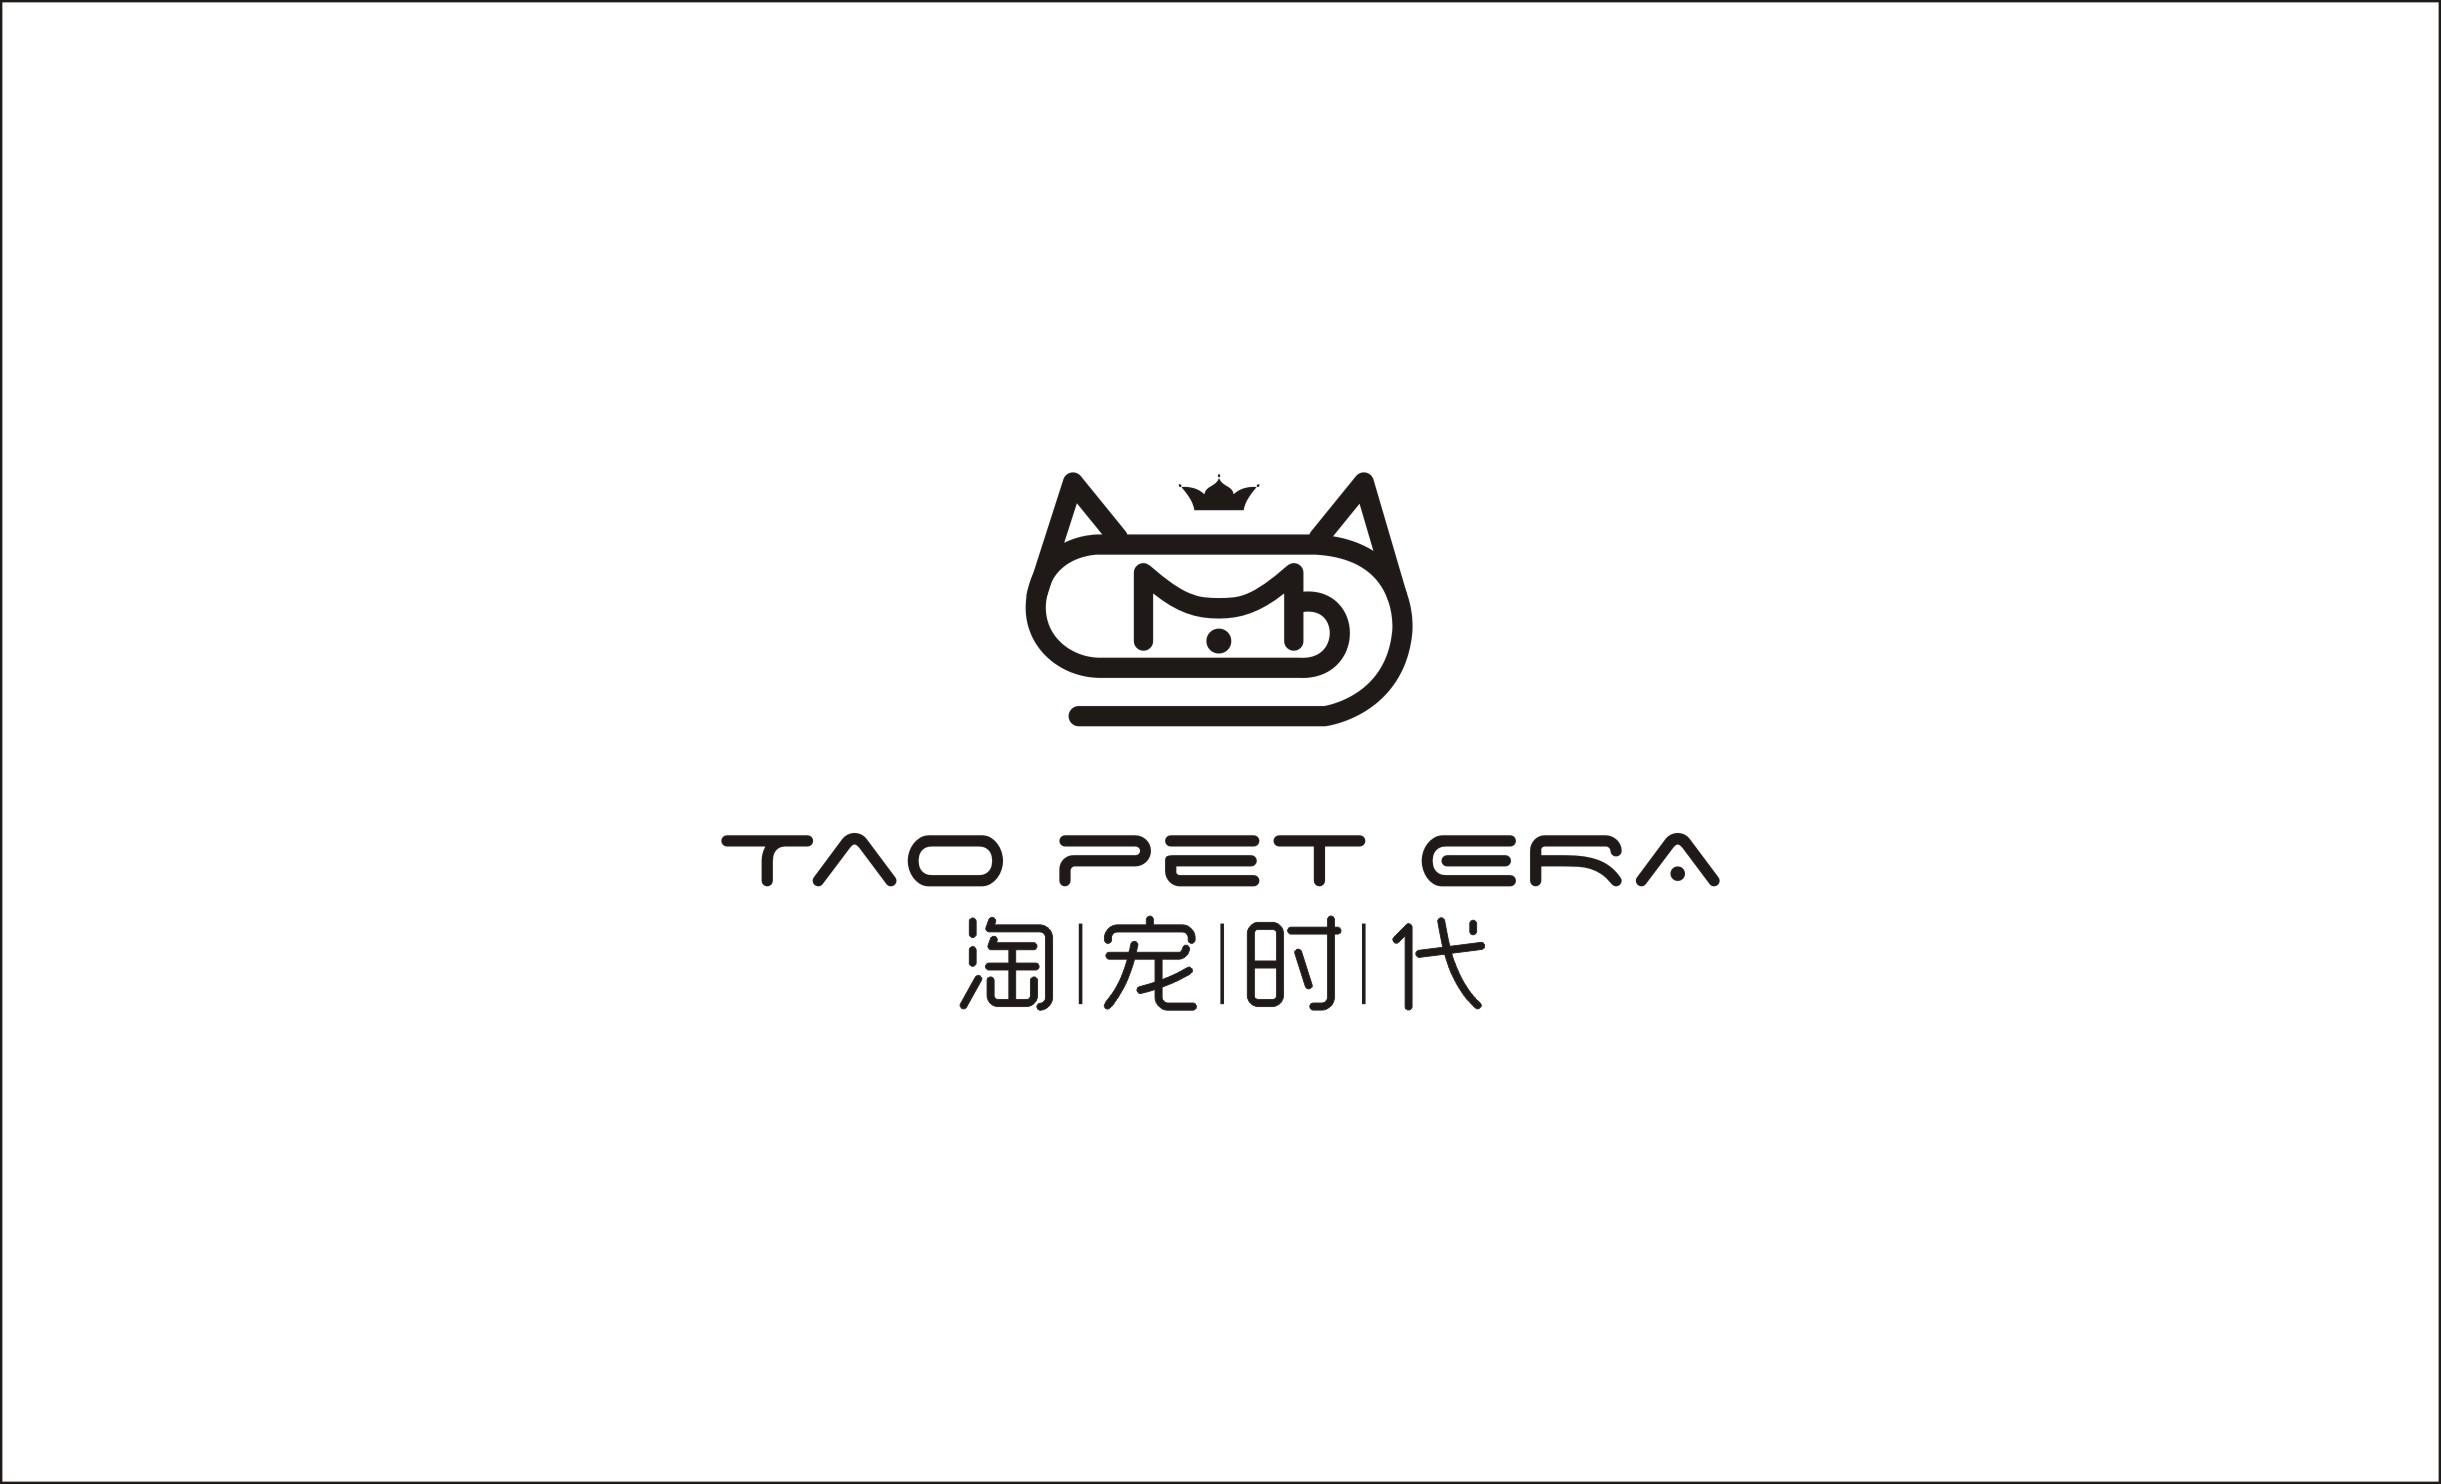 江蘇淘寵科技有限公司